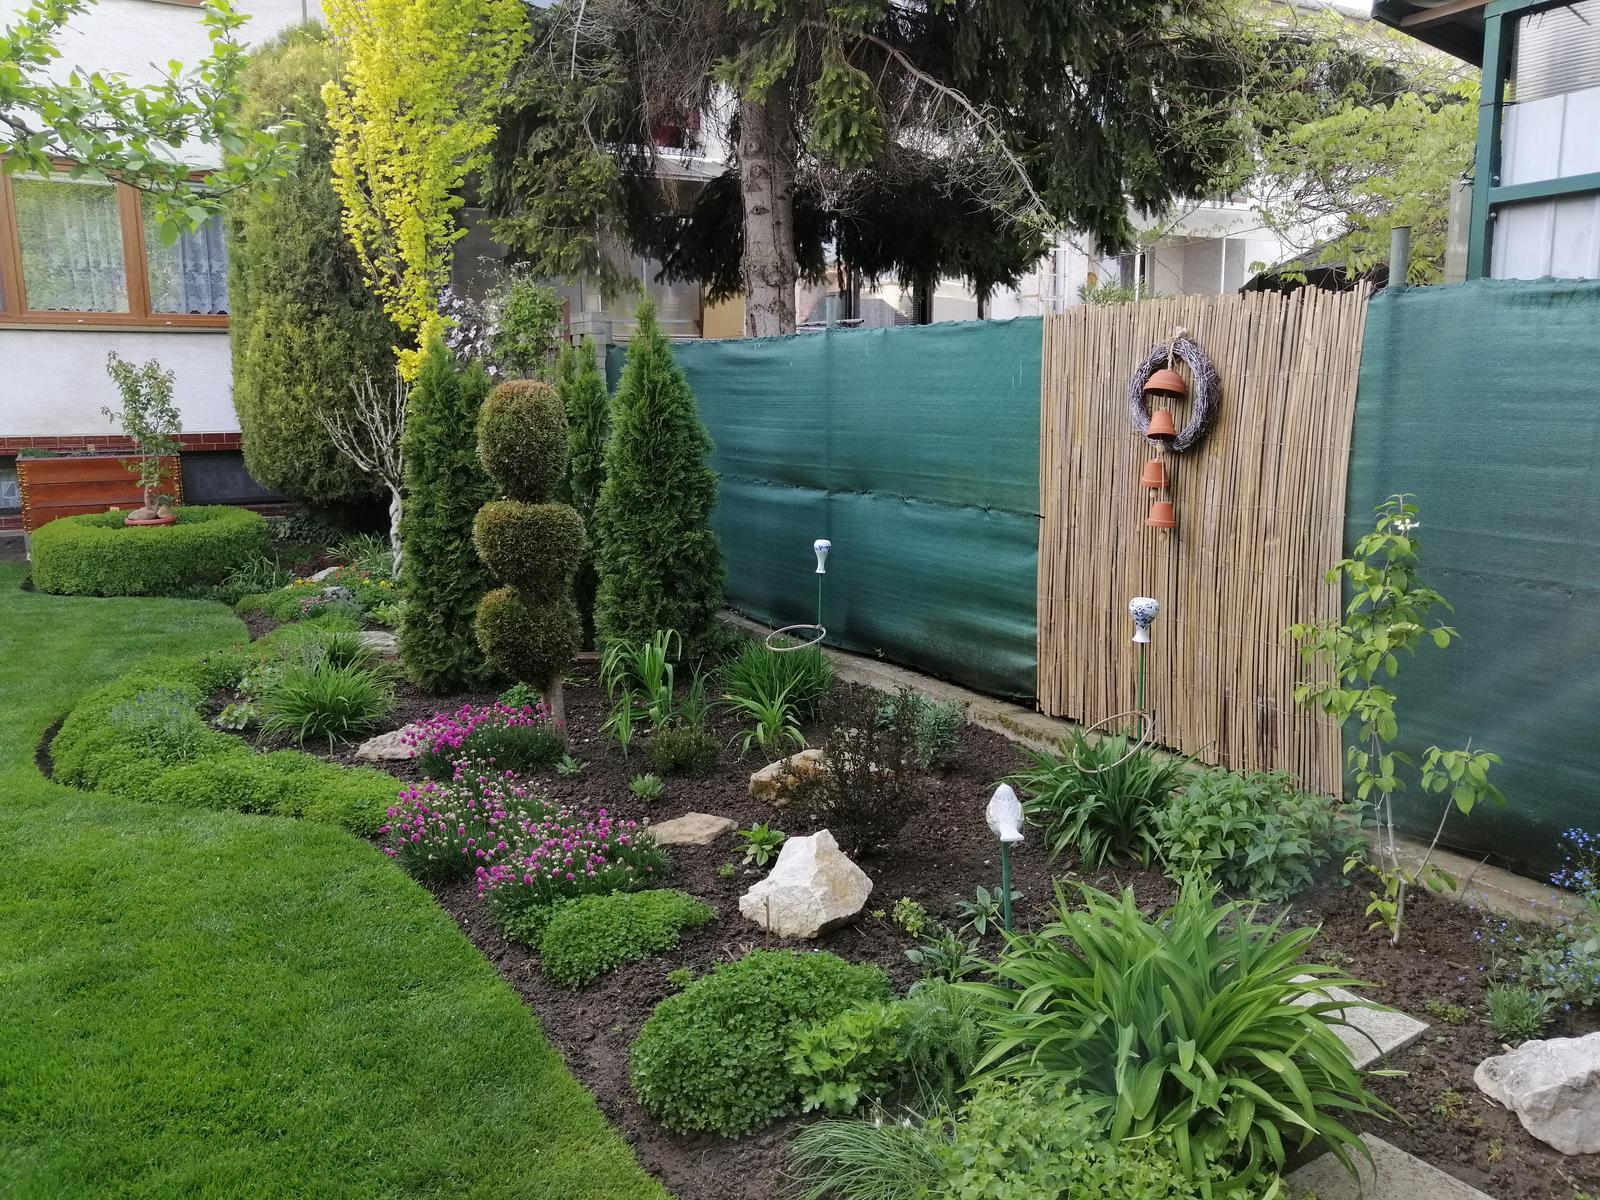 Zahrada 2020 - Obrázok č. 33